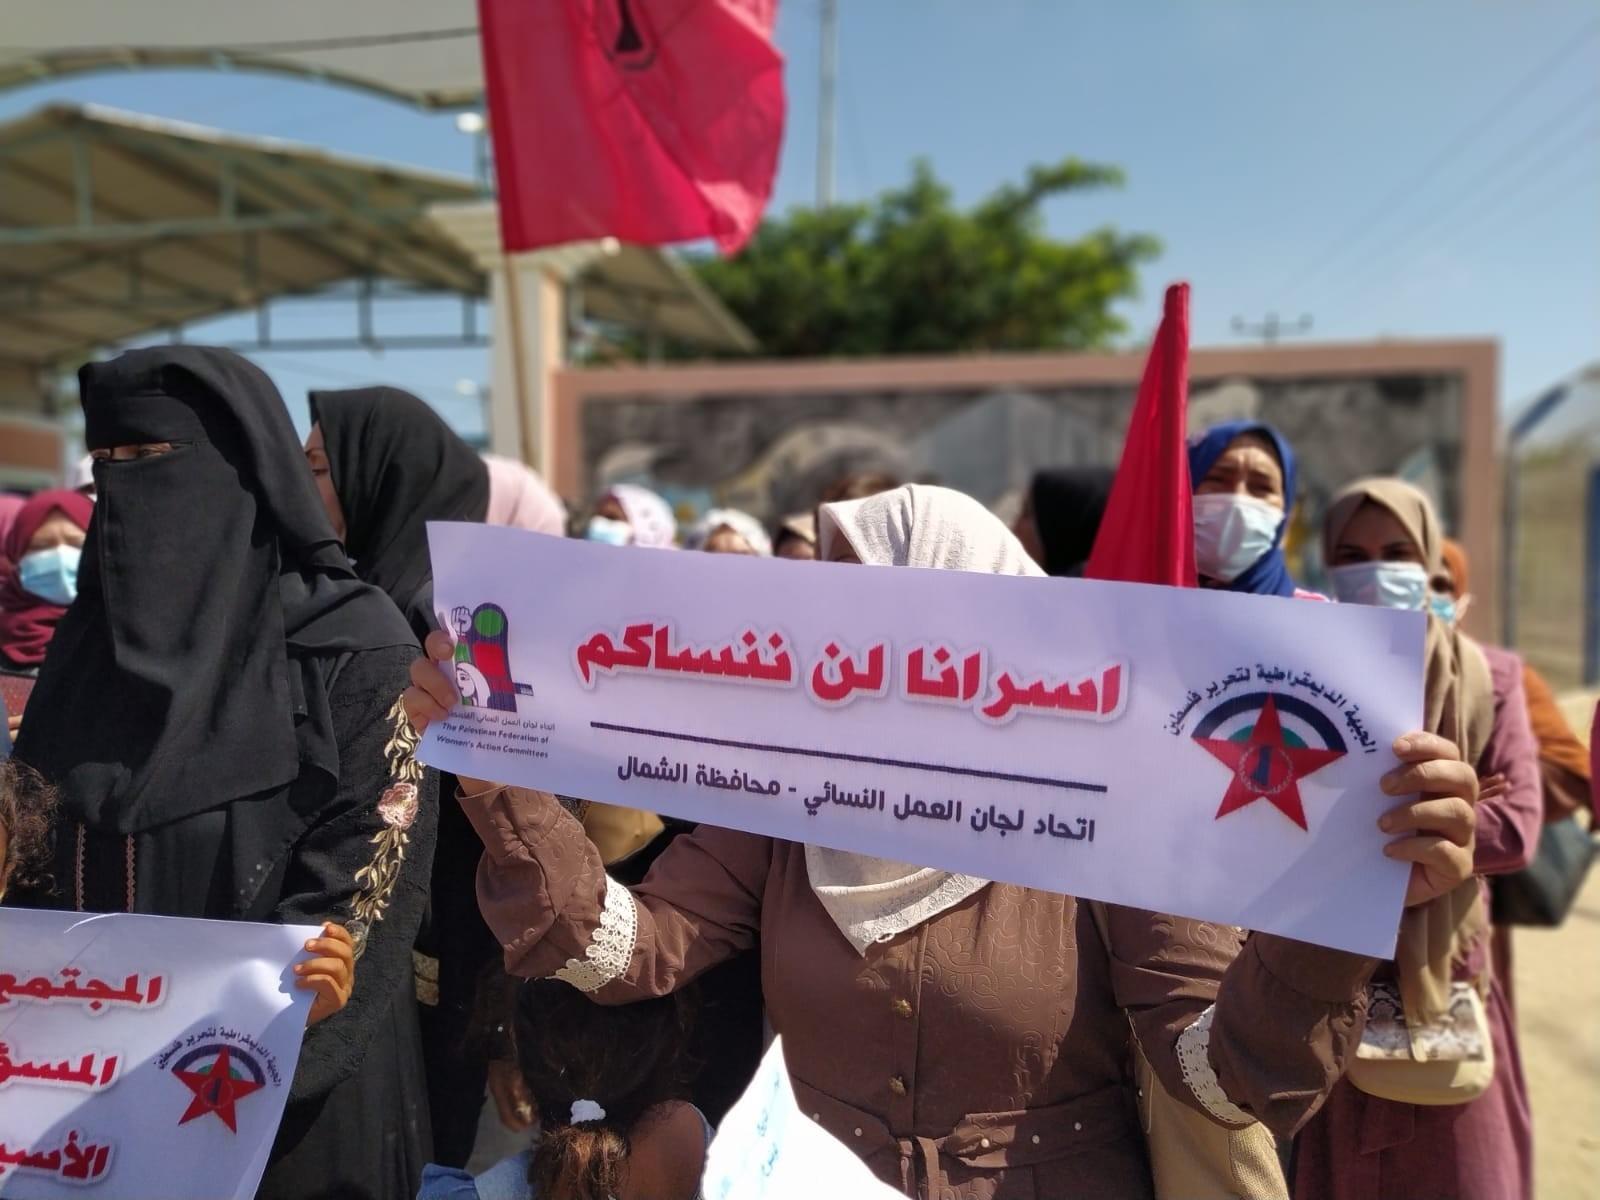 بالصور: وقفة نسوية شمال غزة تضامنًا مع الأسيرة أنهار الديك